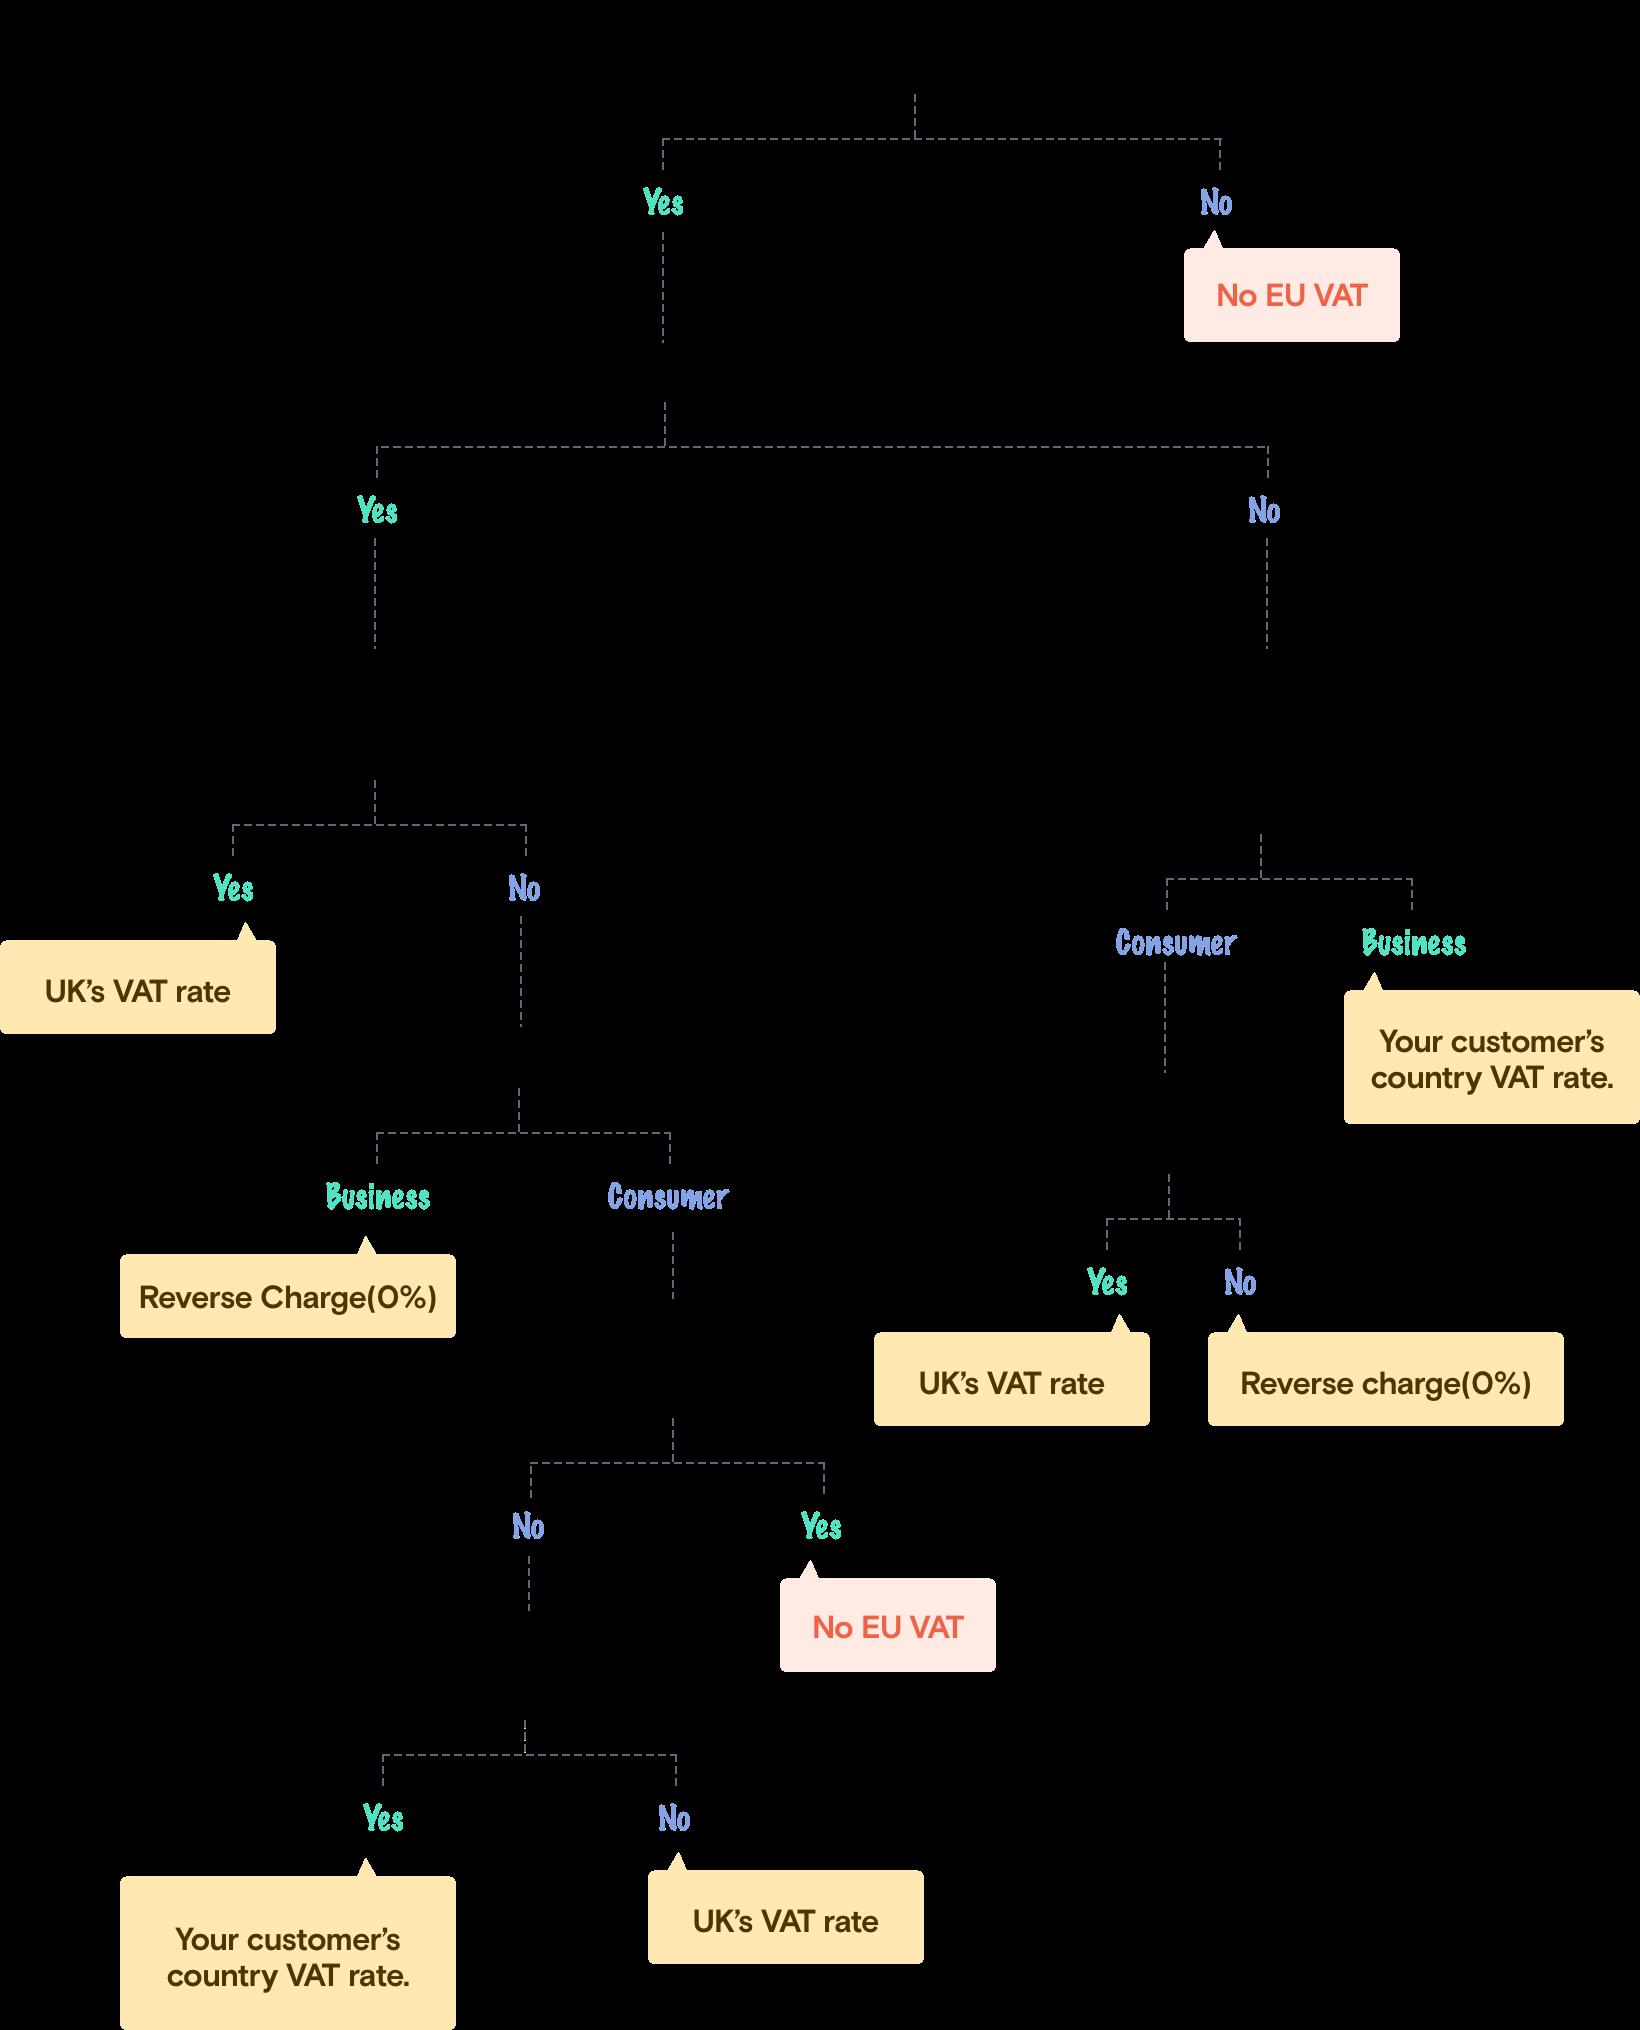 The EU-VAT Flowchart